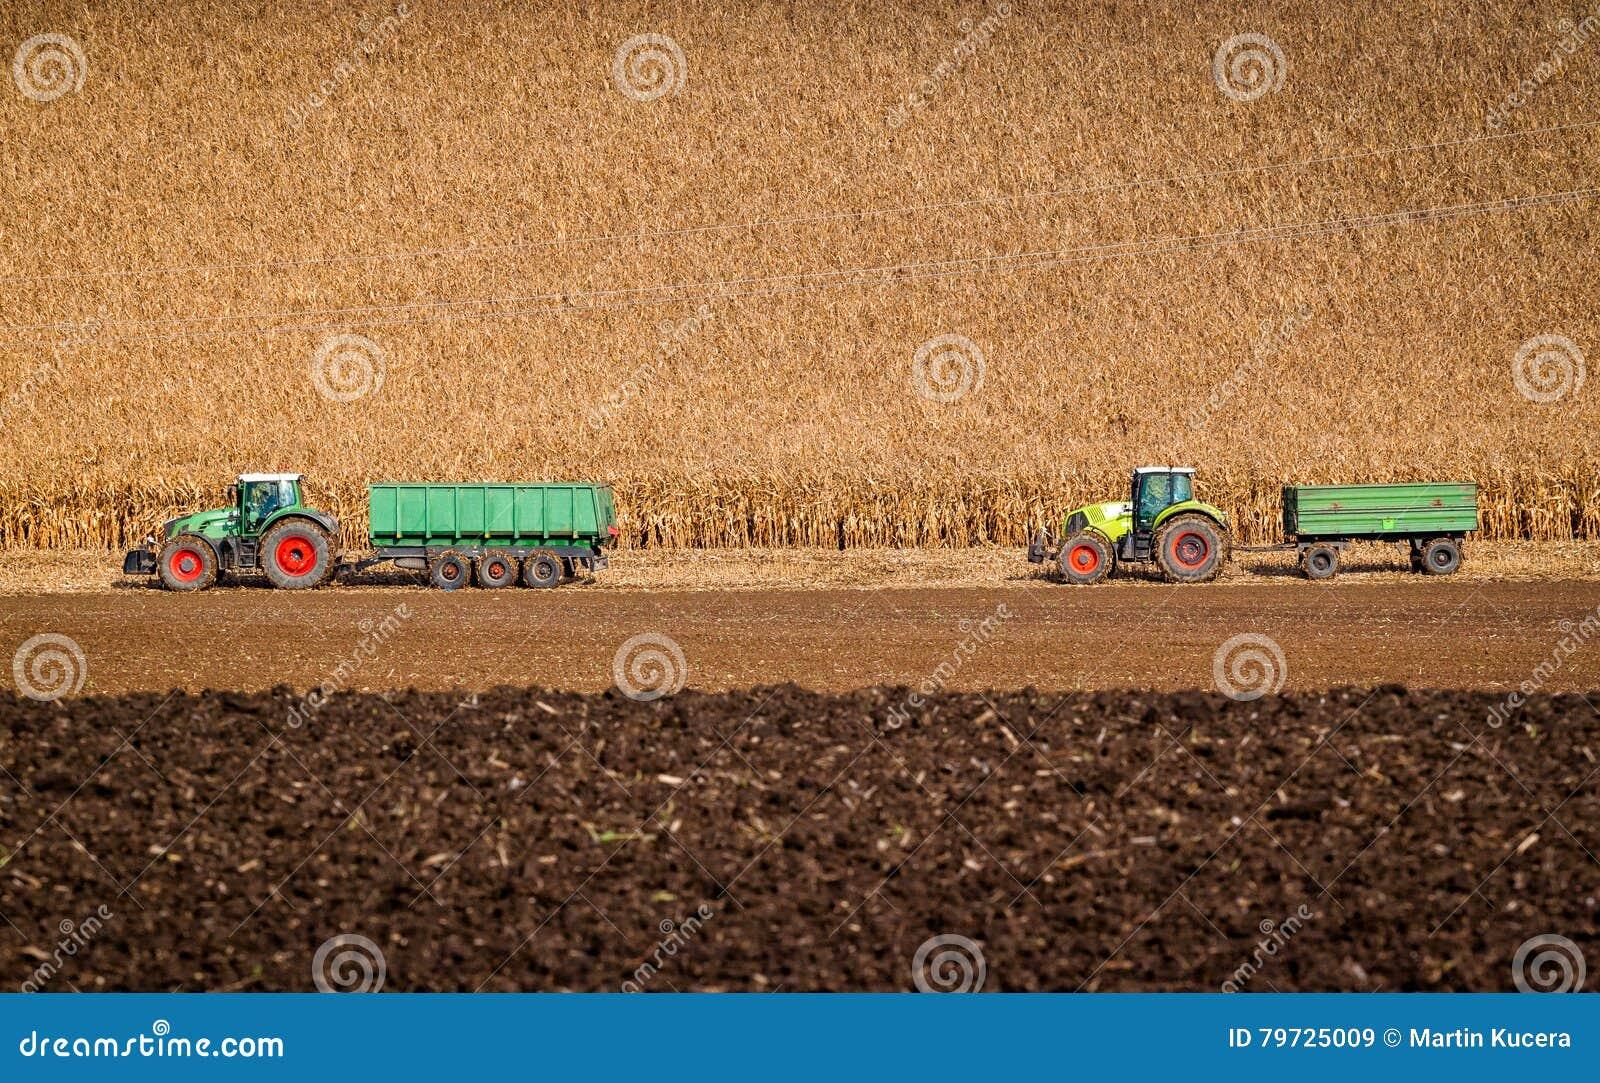 Dos tractores están listos para llevarse la cosecha del maíz en los campos del otoño